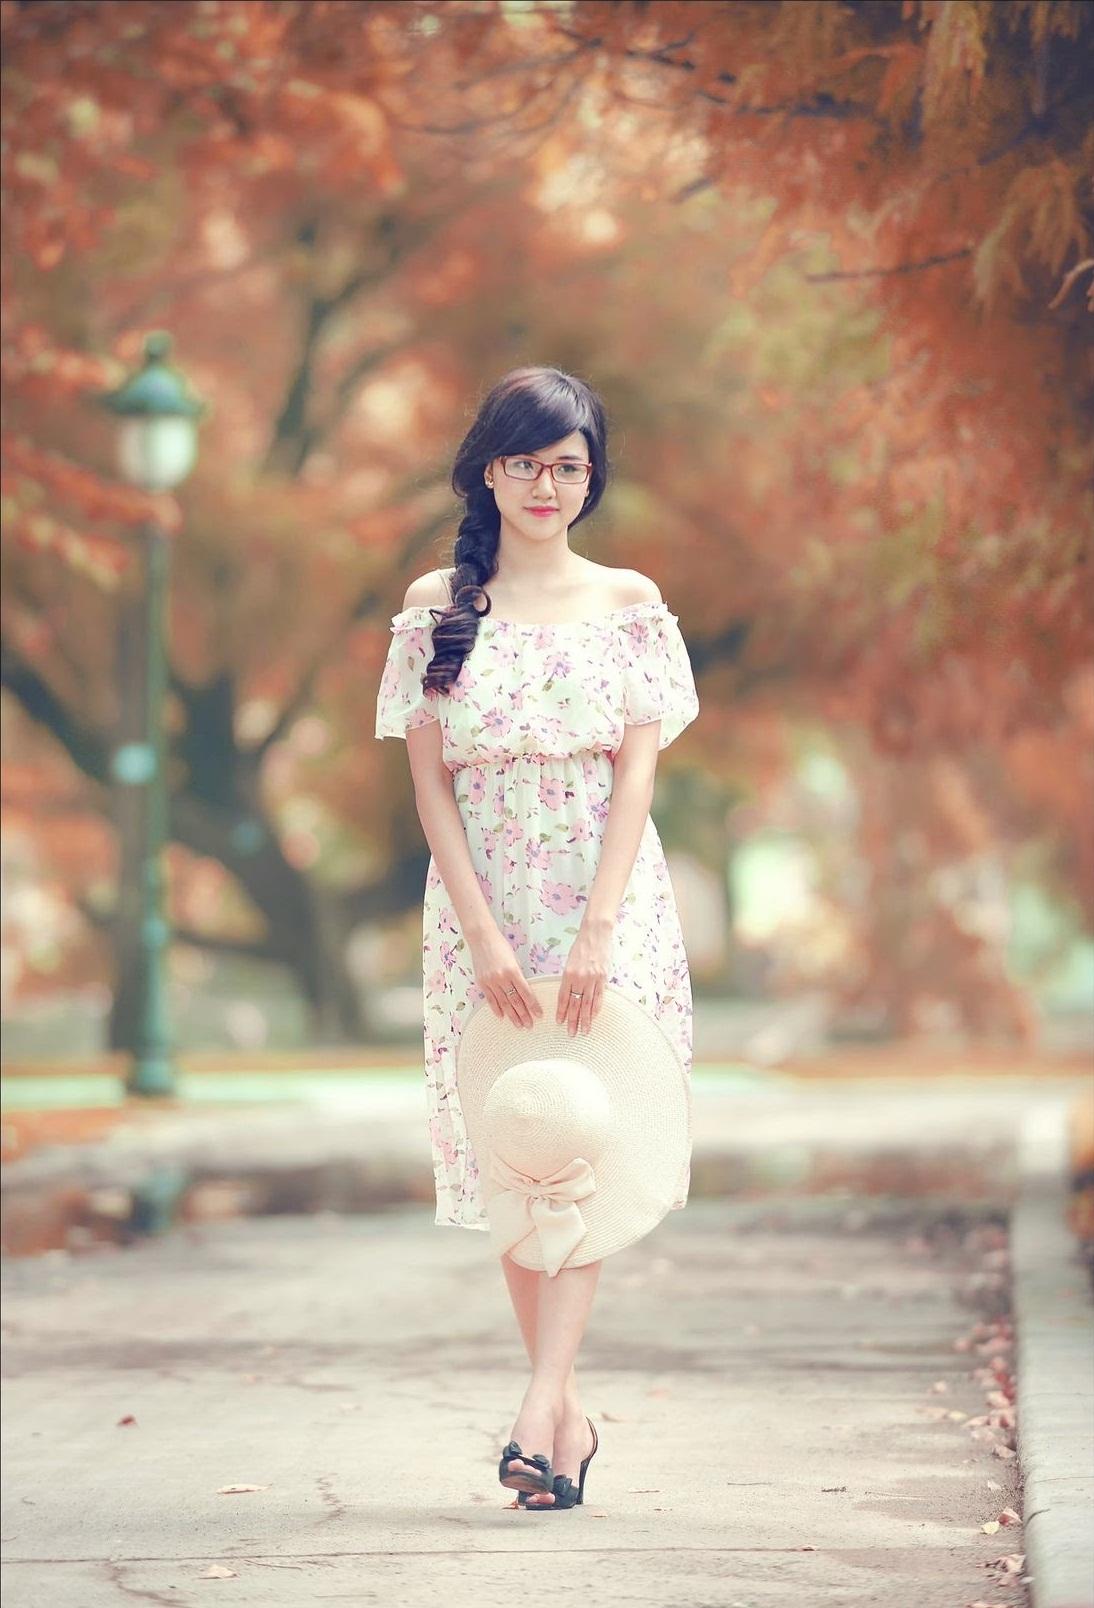 hinh-girl-xinh-de-thuong-lam-hinh-nen-dien-thoai-12